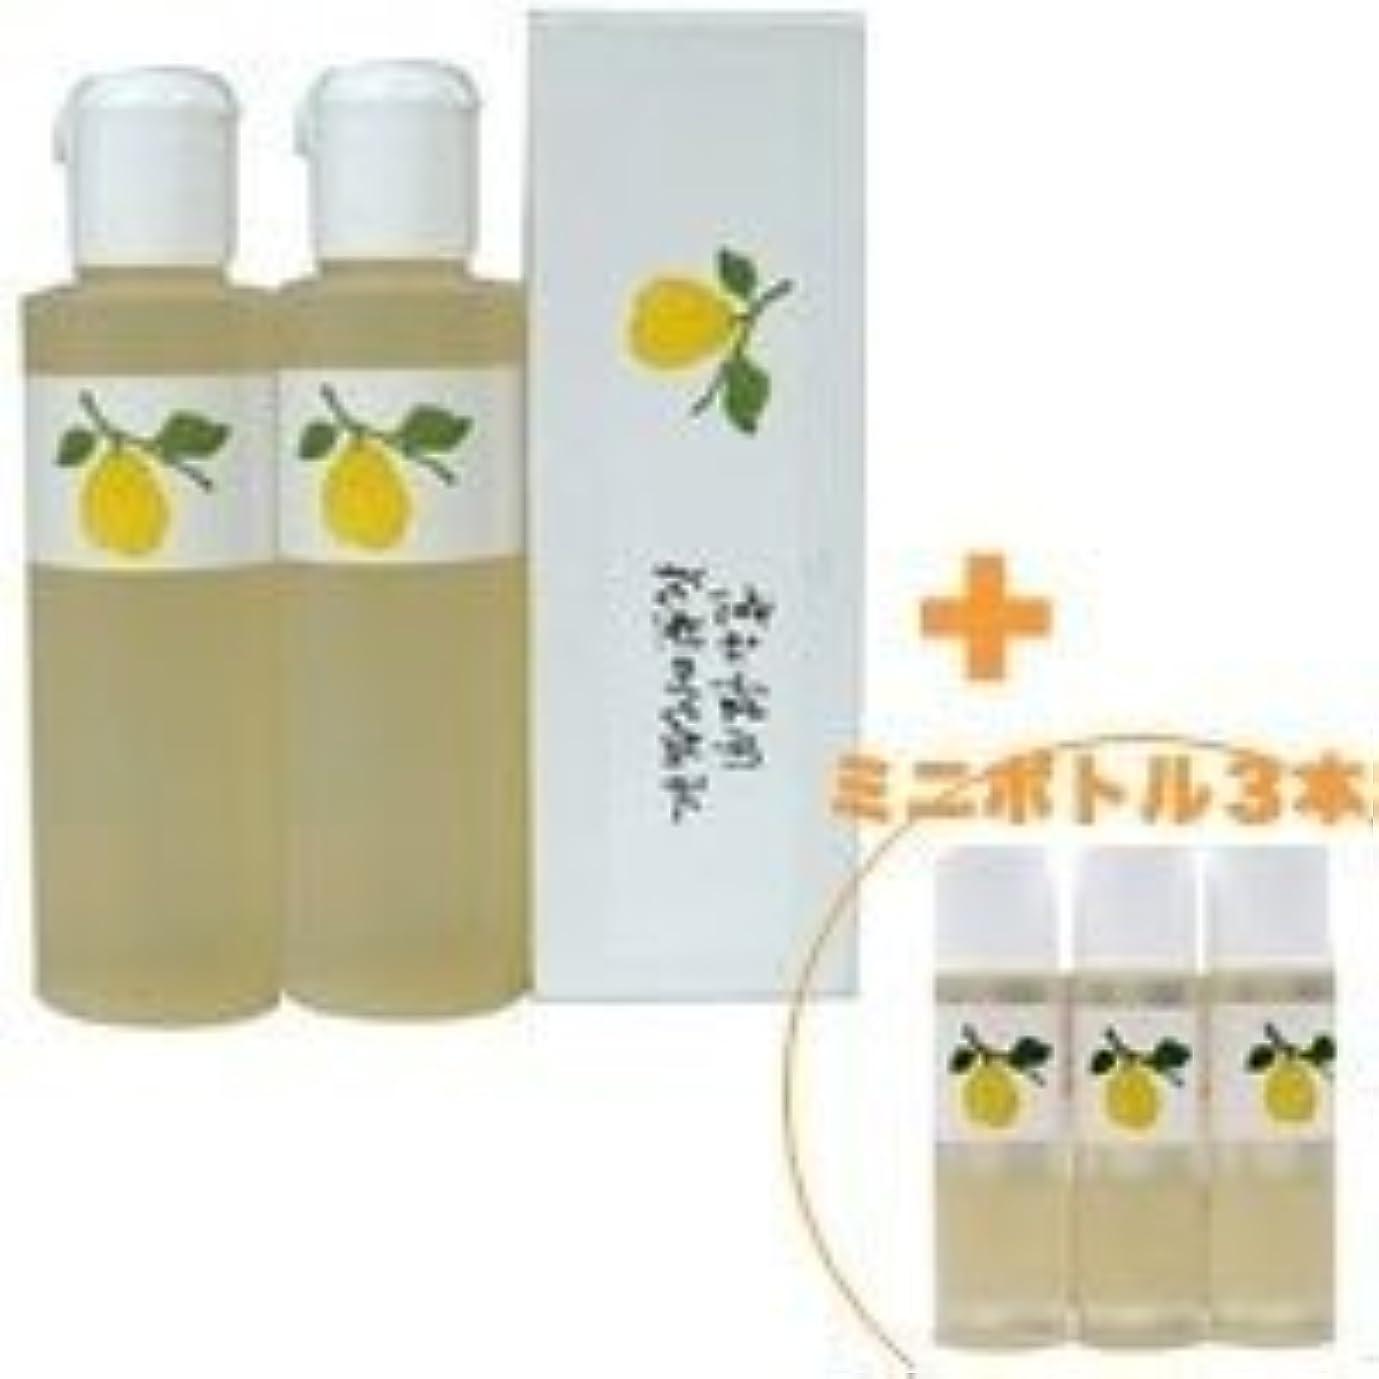 強調するくるみ食用花梨の化粧水 200ml 2本&ミニボトル 3本 美容液 栄養クリームのいらないお肌へ 保湿と乾燥対策に